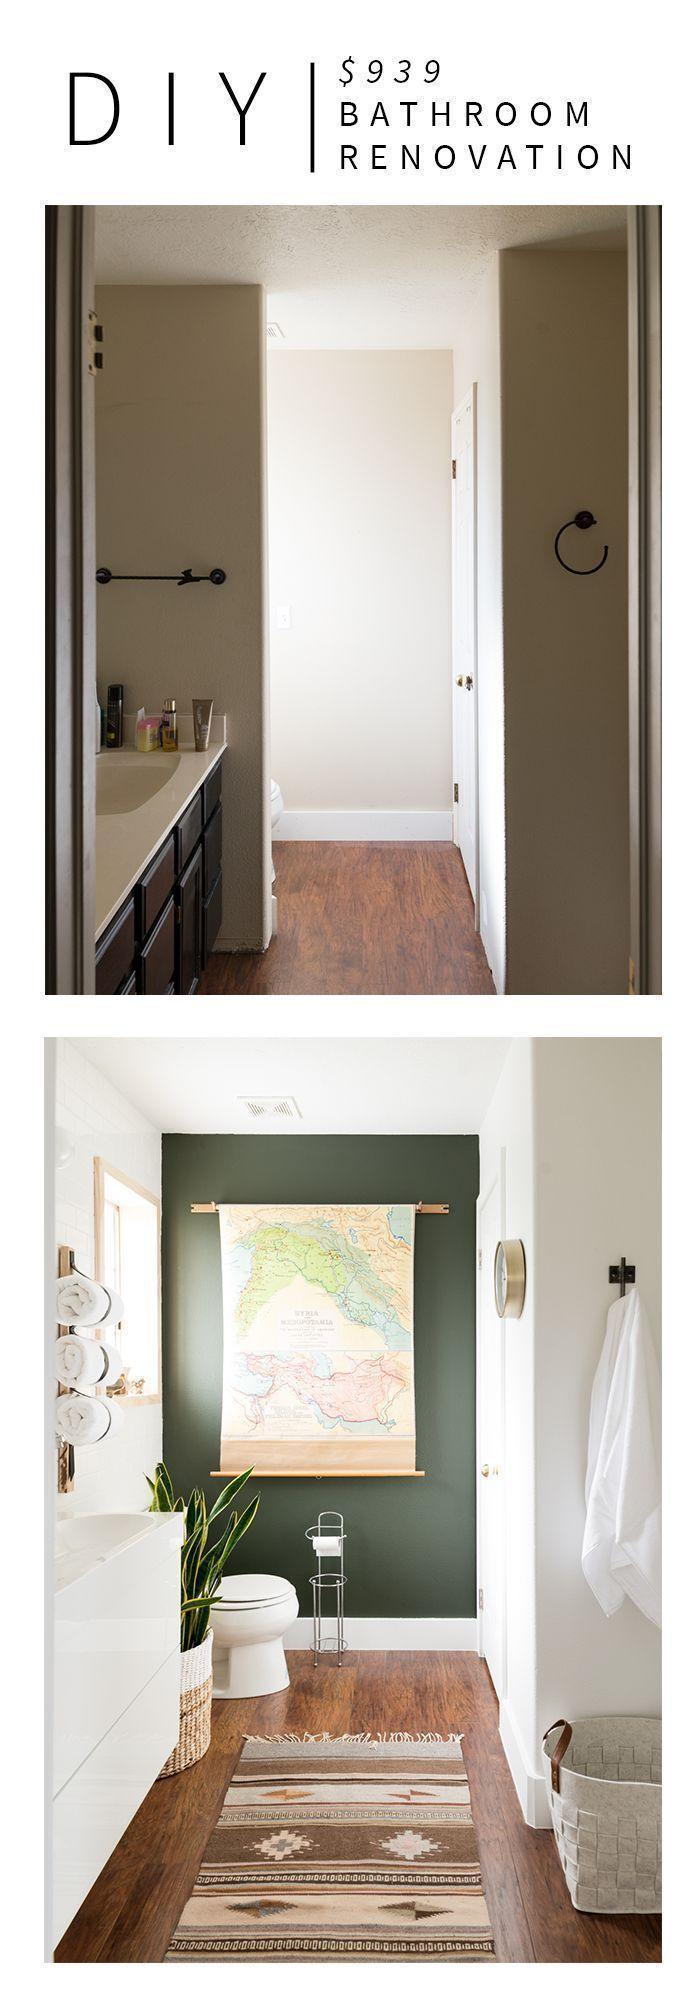 $939 DIY Bathroom Renovation!!! SO MANY GREAT IDEAS!!   Bathroom Makeover Ideas   Contemporary Bathroom Decor   Vintage Revivals